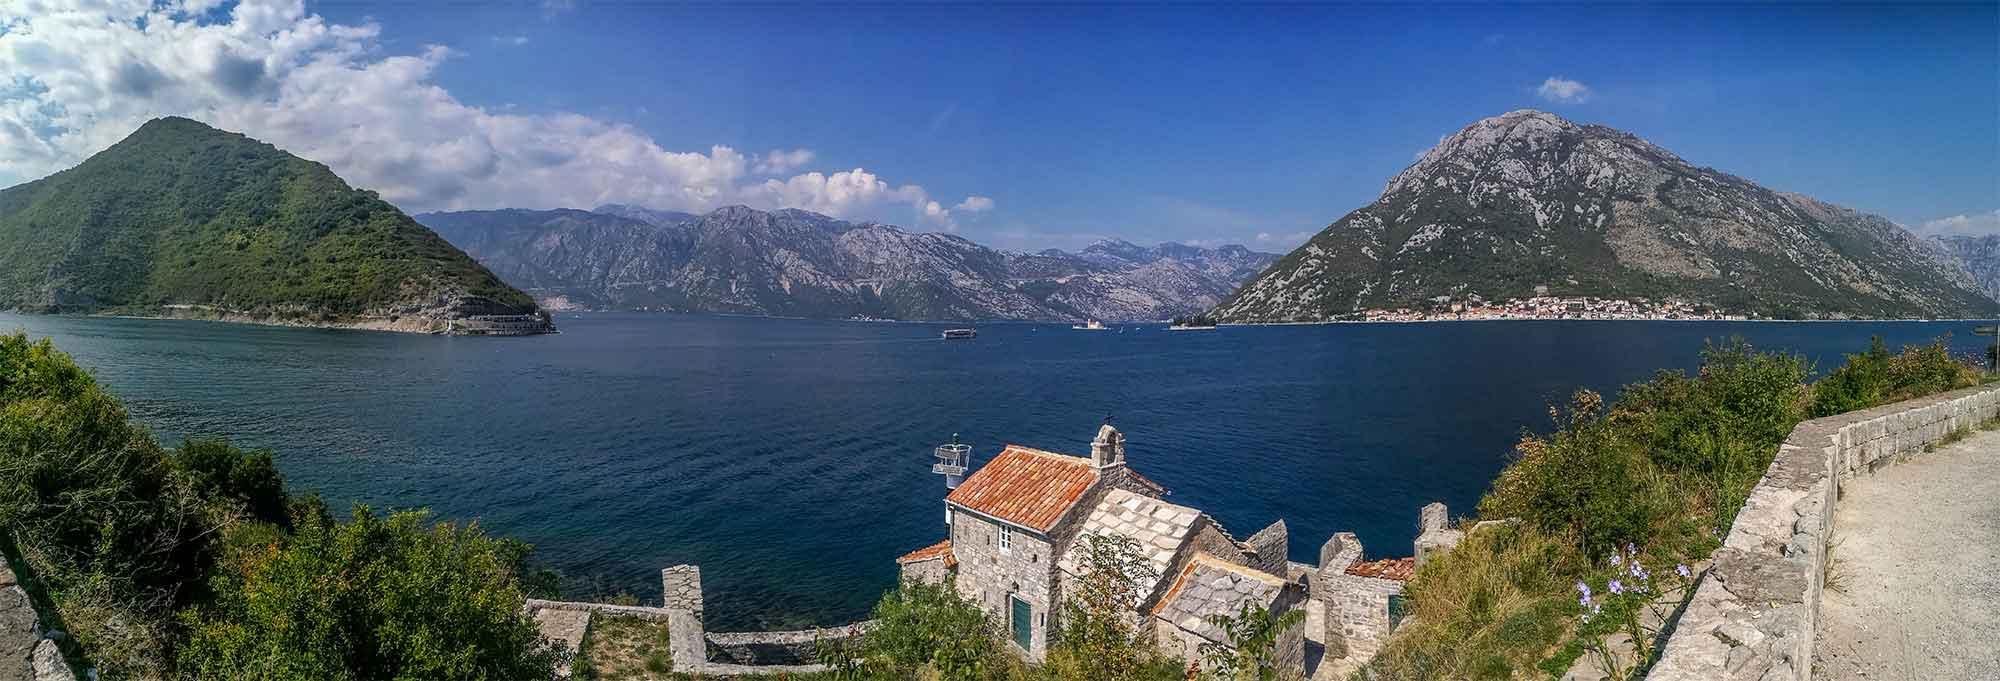 Černá Hora, Kotorská boka, Kotorský záliv